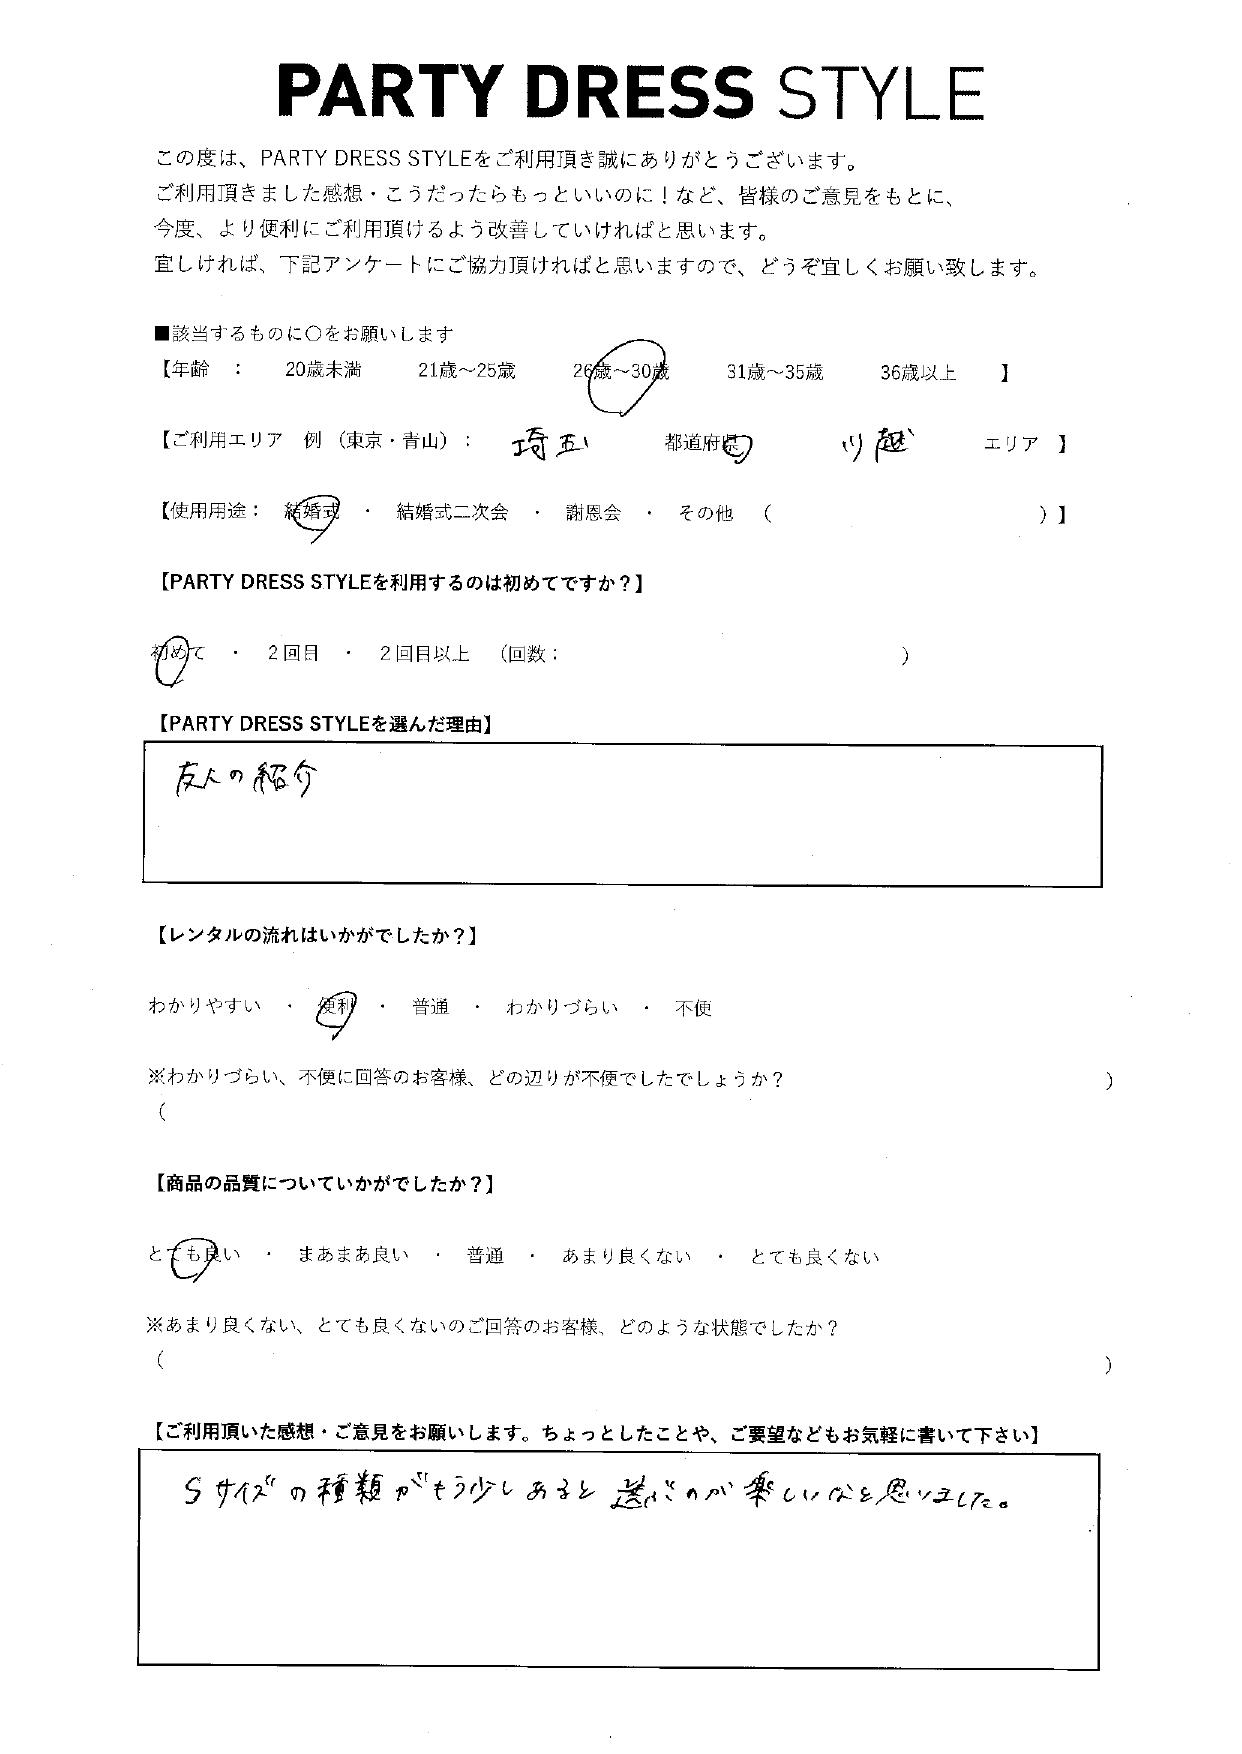 8/7 結婚式ご利用 埼玉・川越エリア